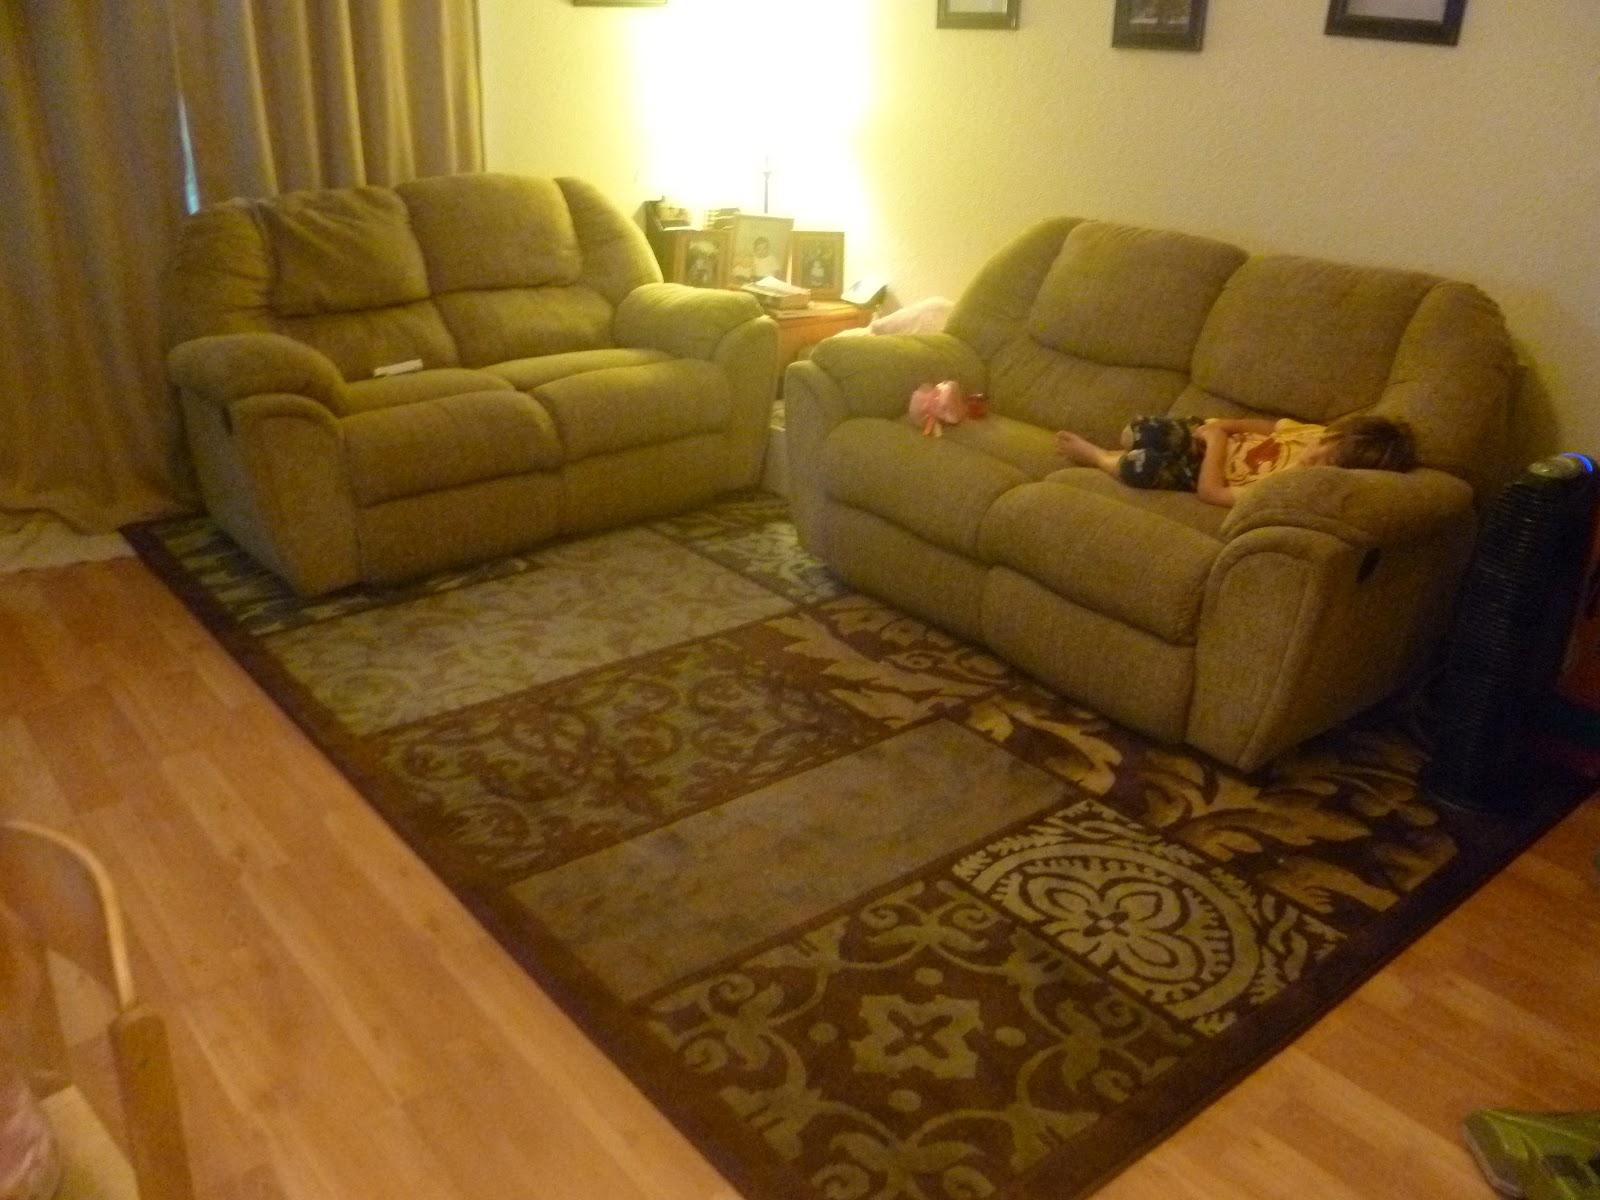 Home depot sisal rug